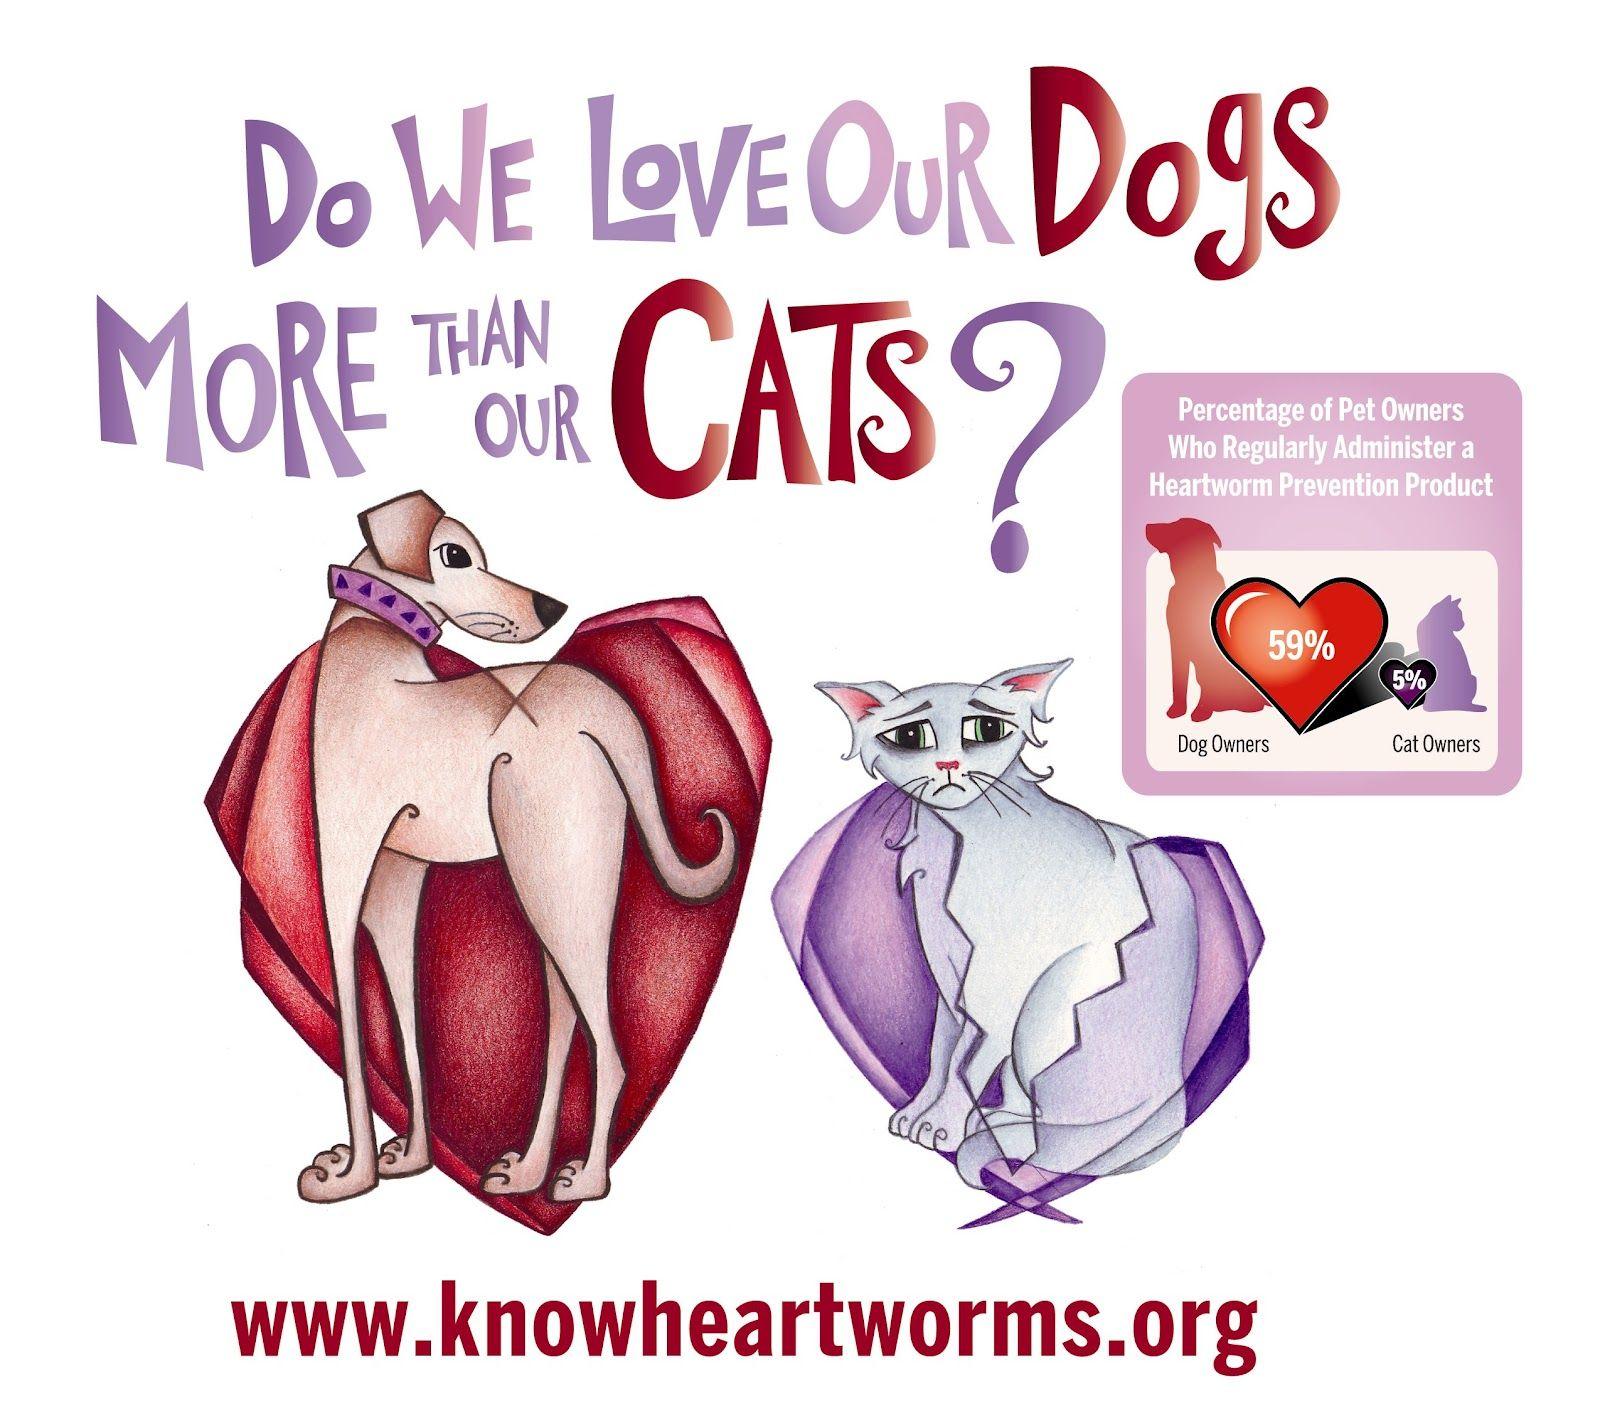 Heartworm disease headaches Heartworm, Heartworm